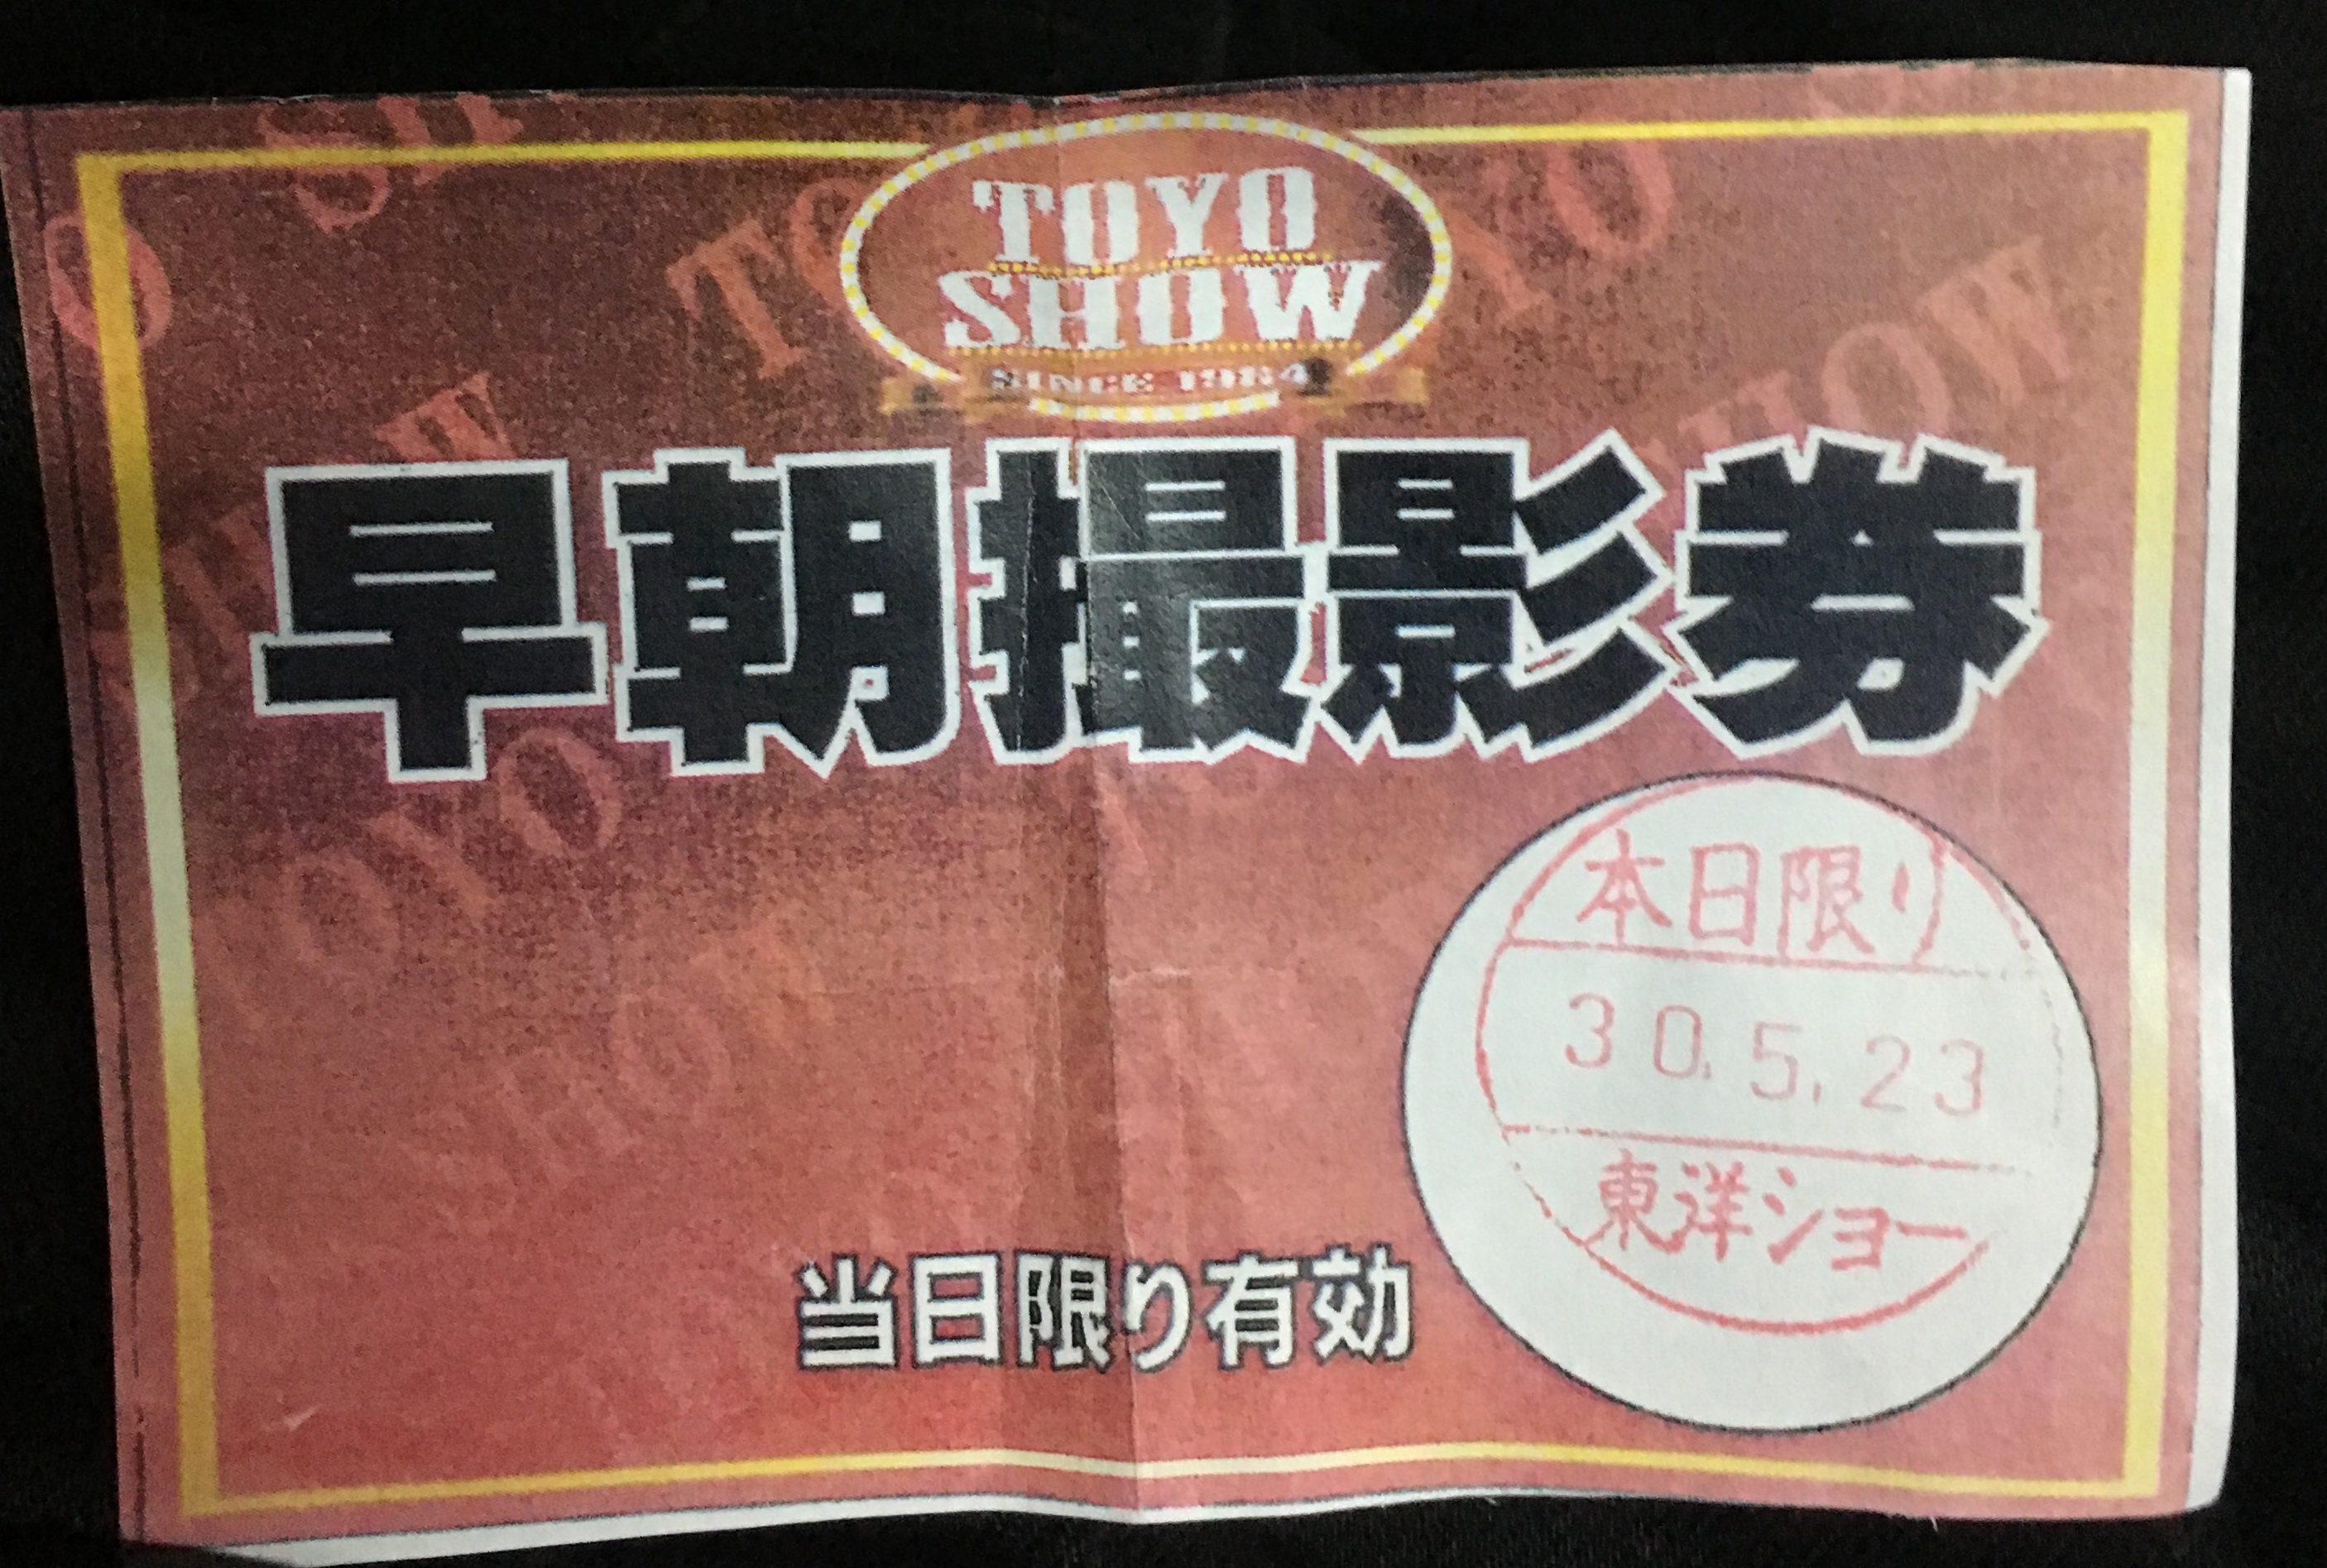 ストリップの聖地!大阪は東洋ショー劇場に潜入!